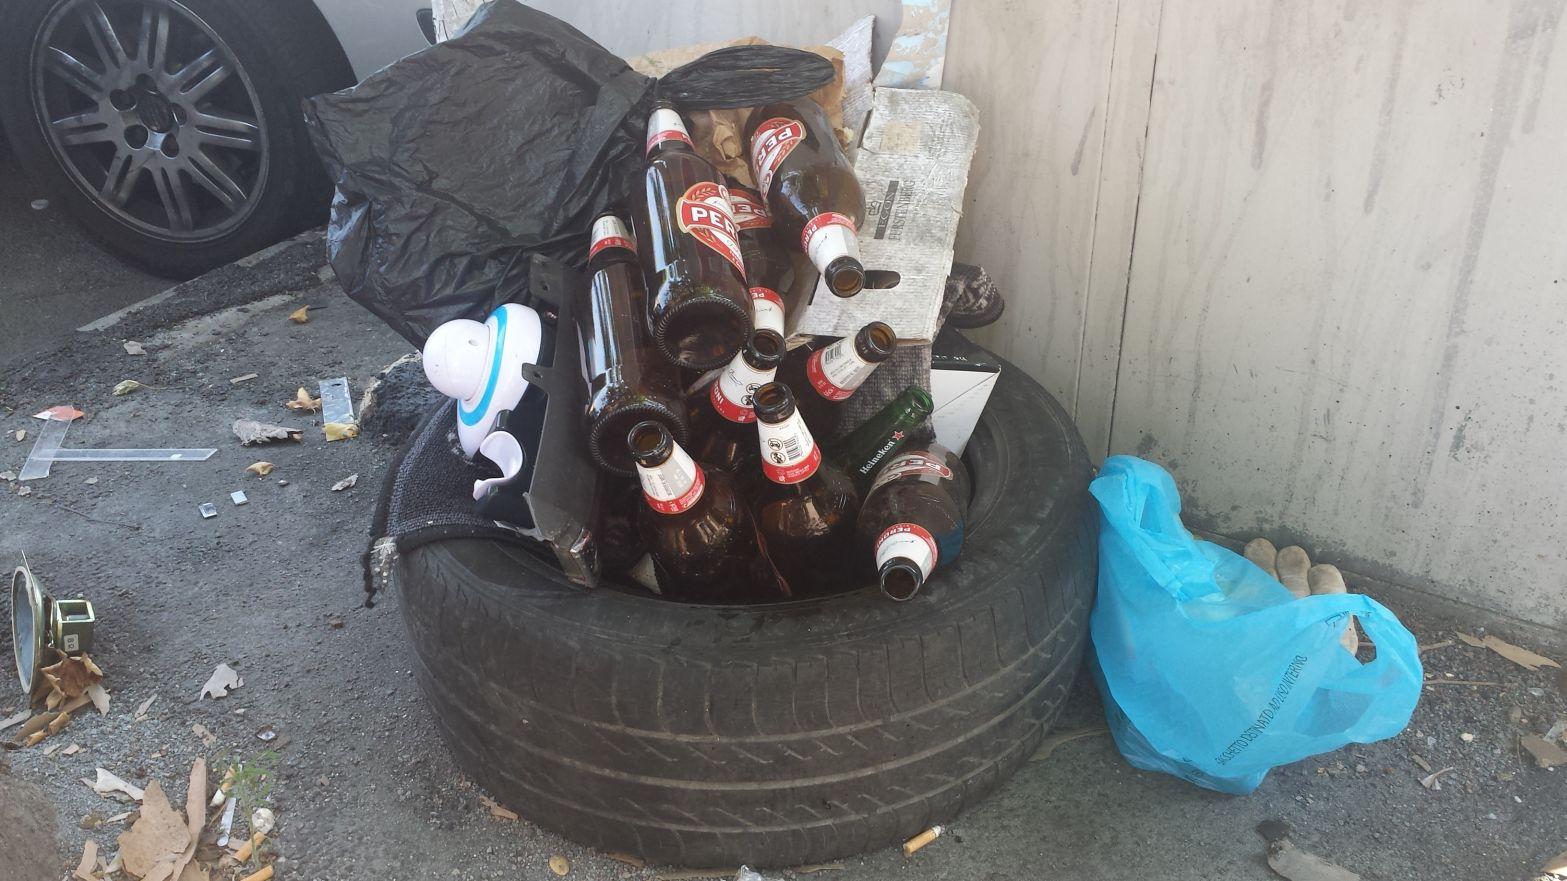 Vetro bottiglie abbandonate